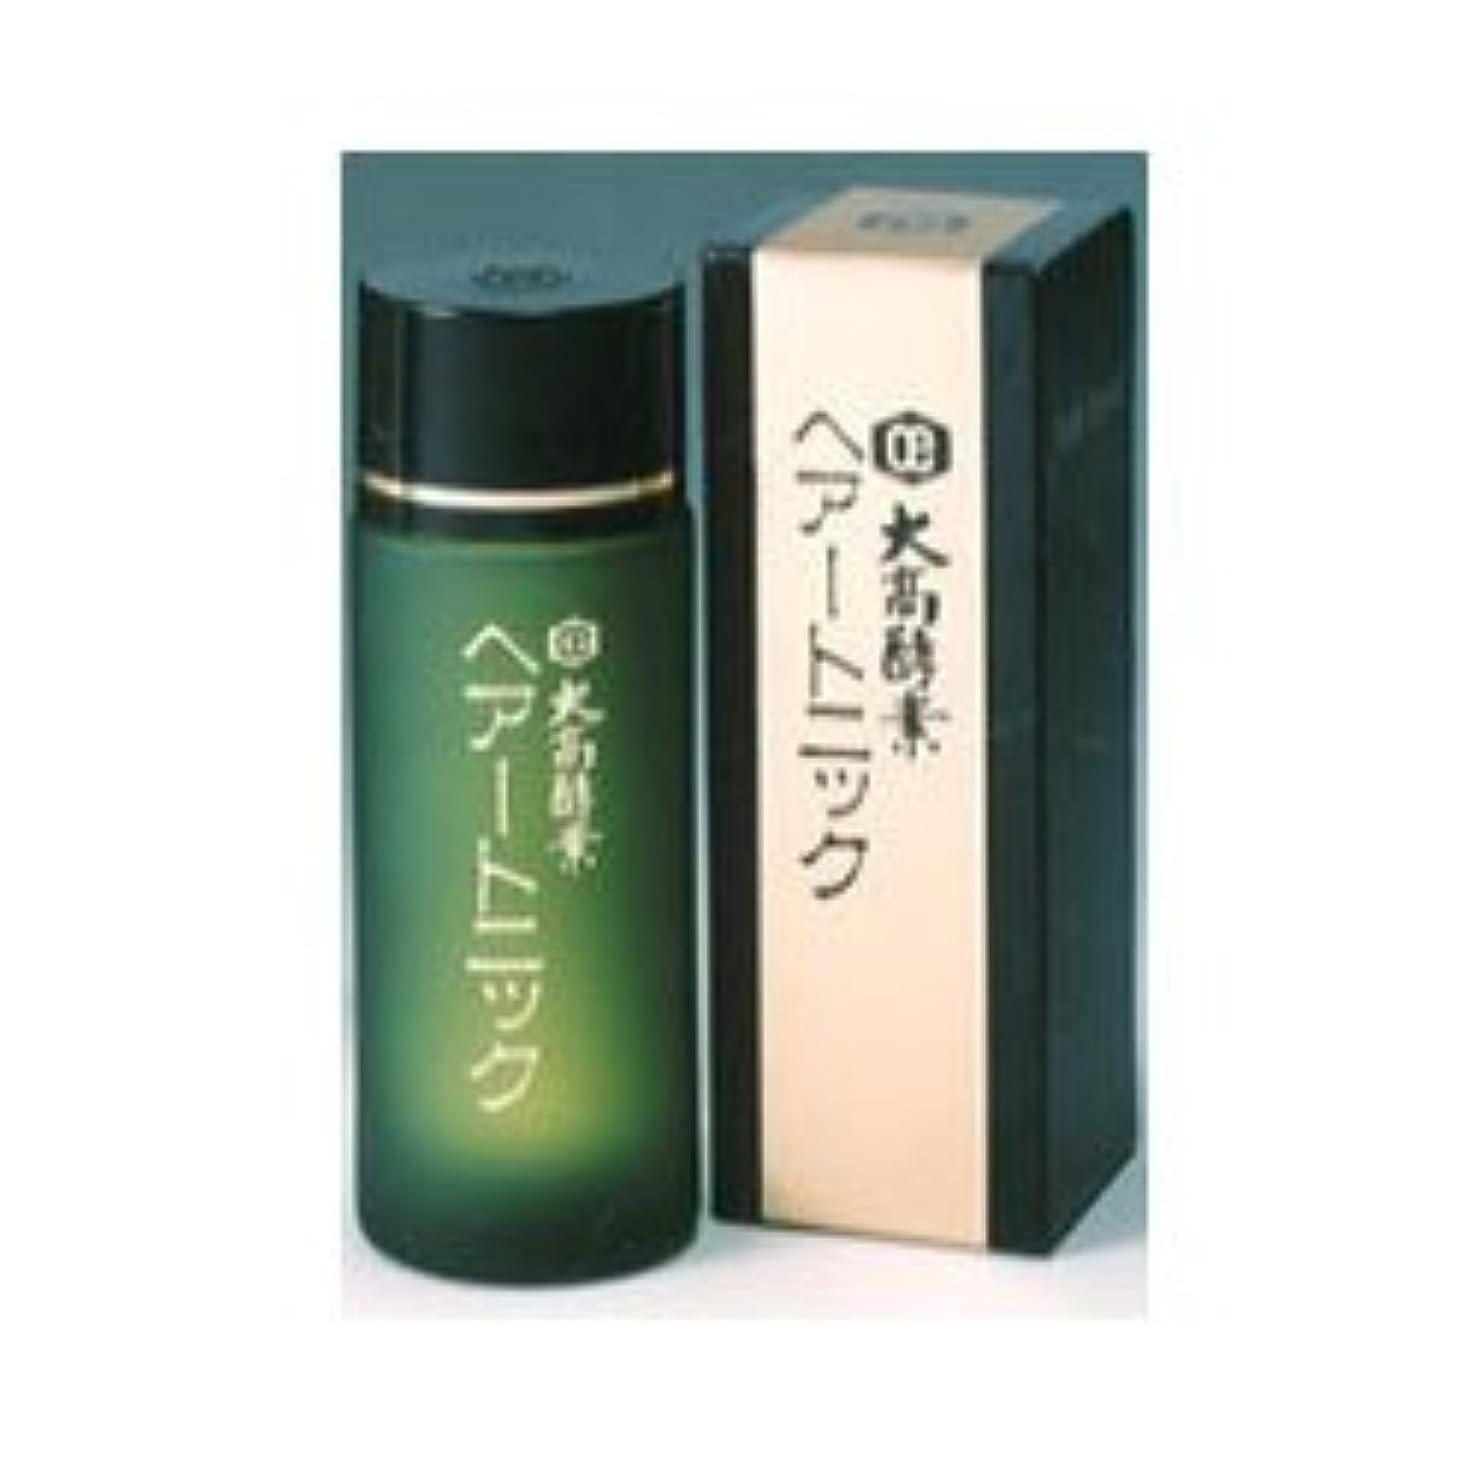 エキゾチック感情ペストリー【大高酵素】ヘアートニック 120ml ×10個セット